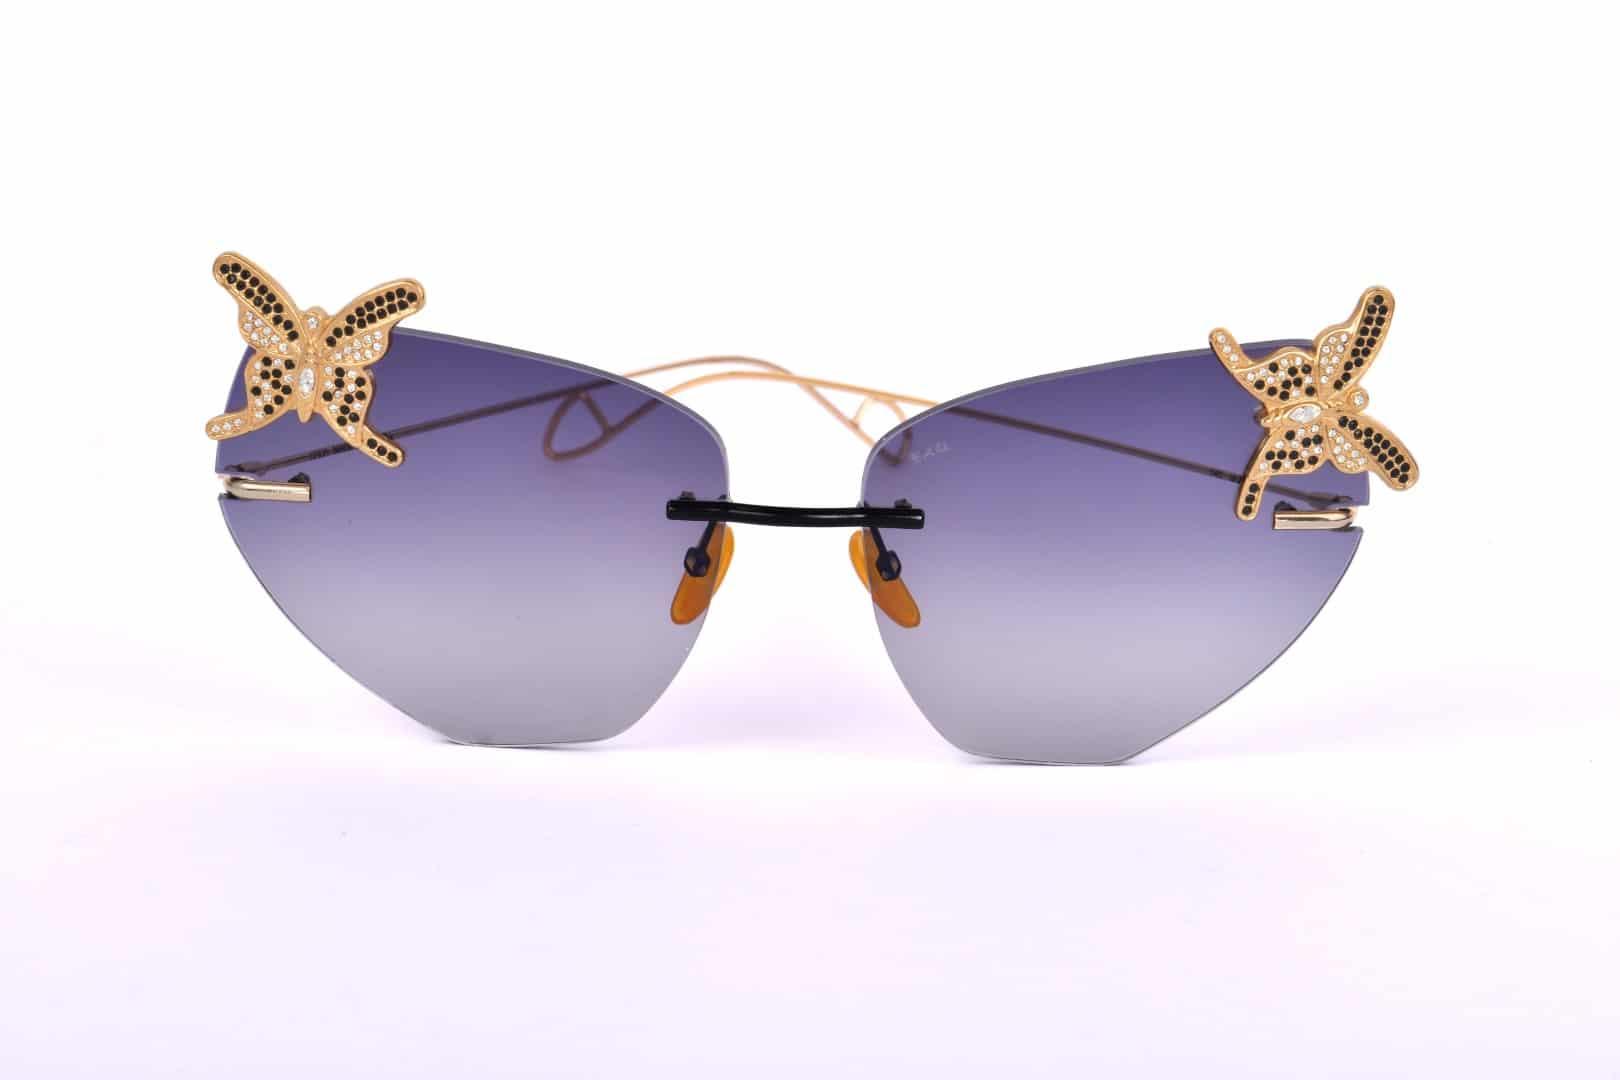 משקפי שמש חדשניות - אופטיקה יפעת, אופטומטריסטית מומלצת בנתניה